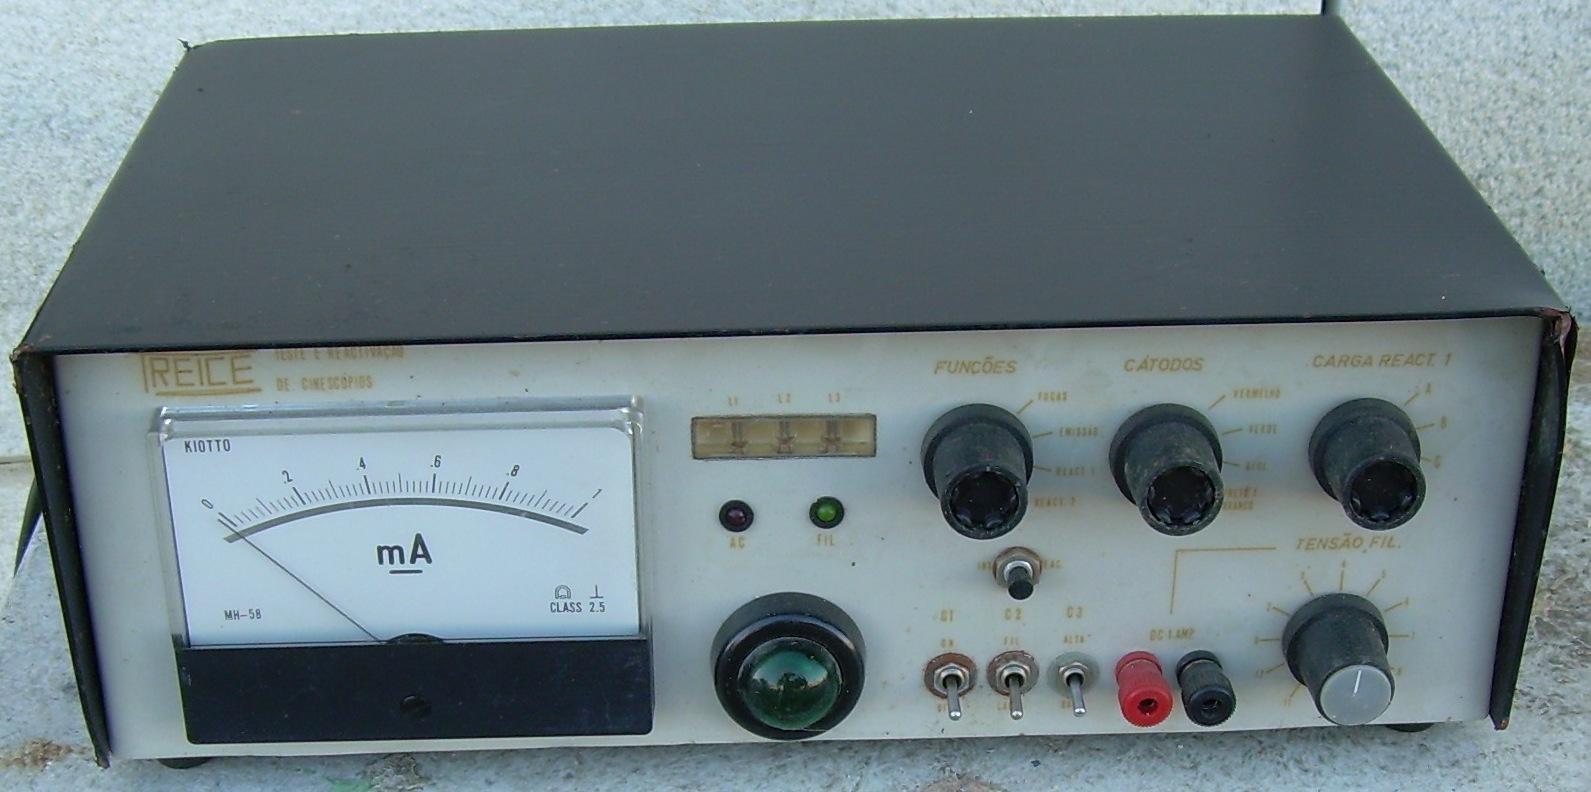 Alguém me pode ajudar a utilizar este aparelho? Obrigado